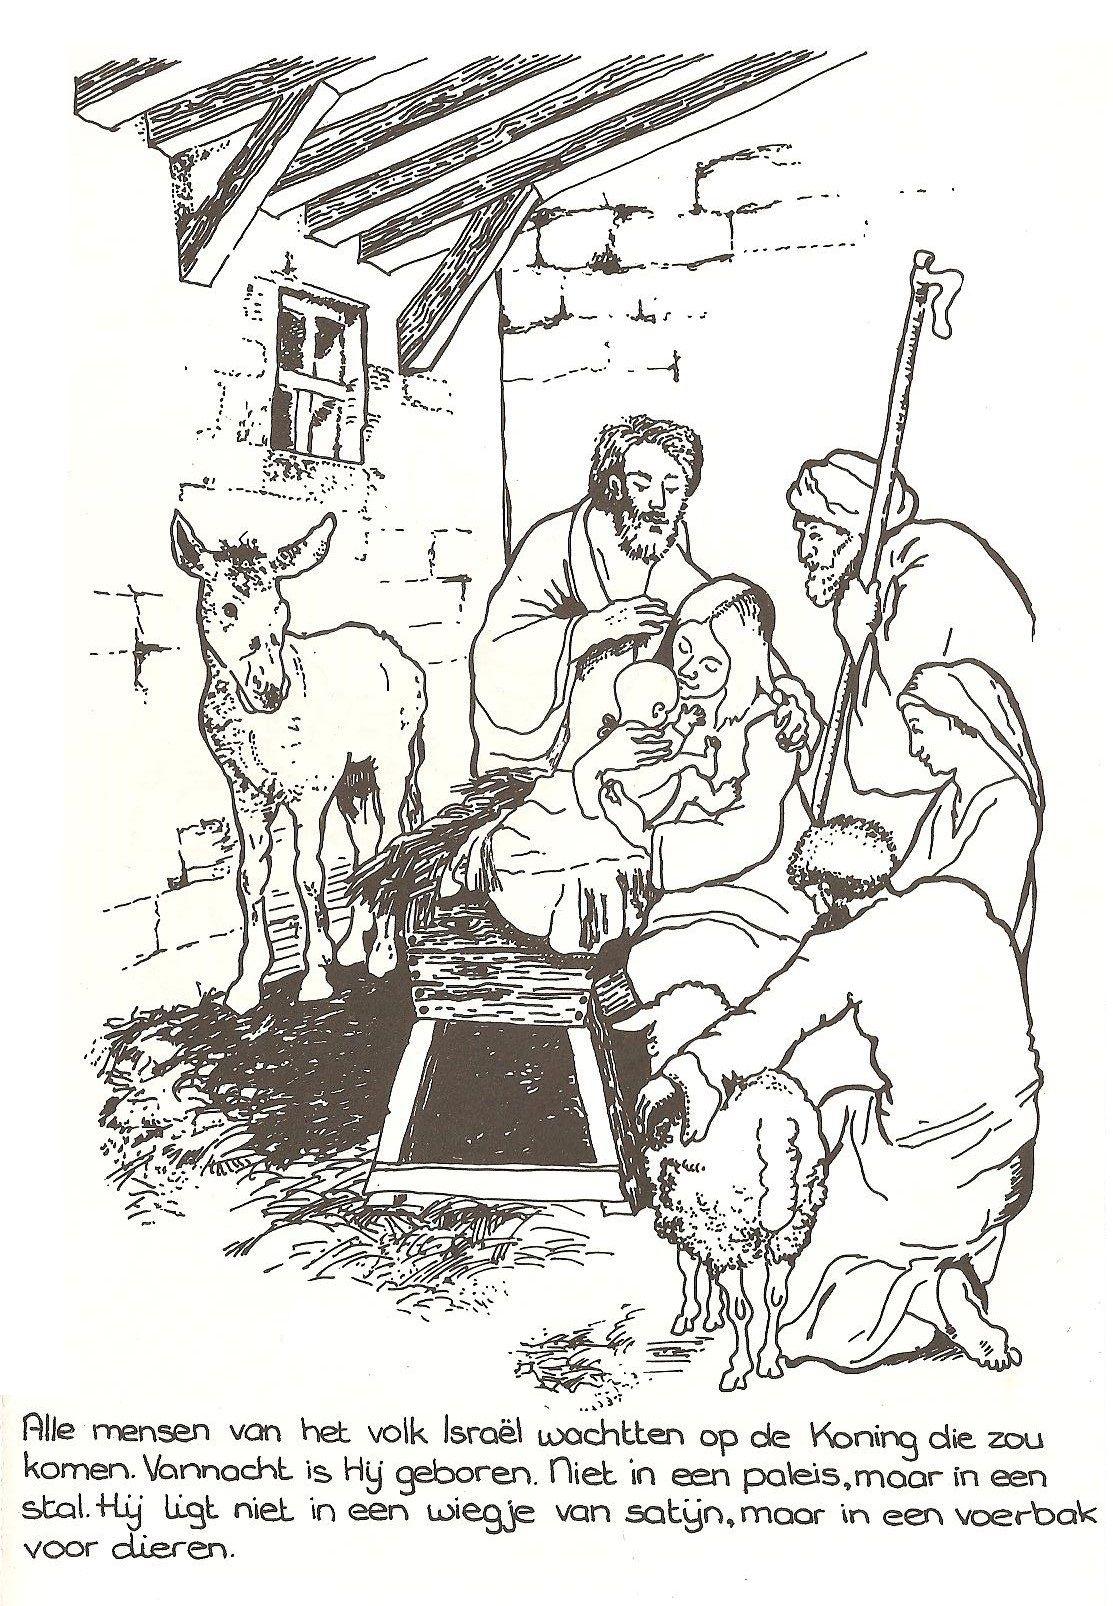 jezus in de kribbe kerst kleurplaten bijbel kleurplaten